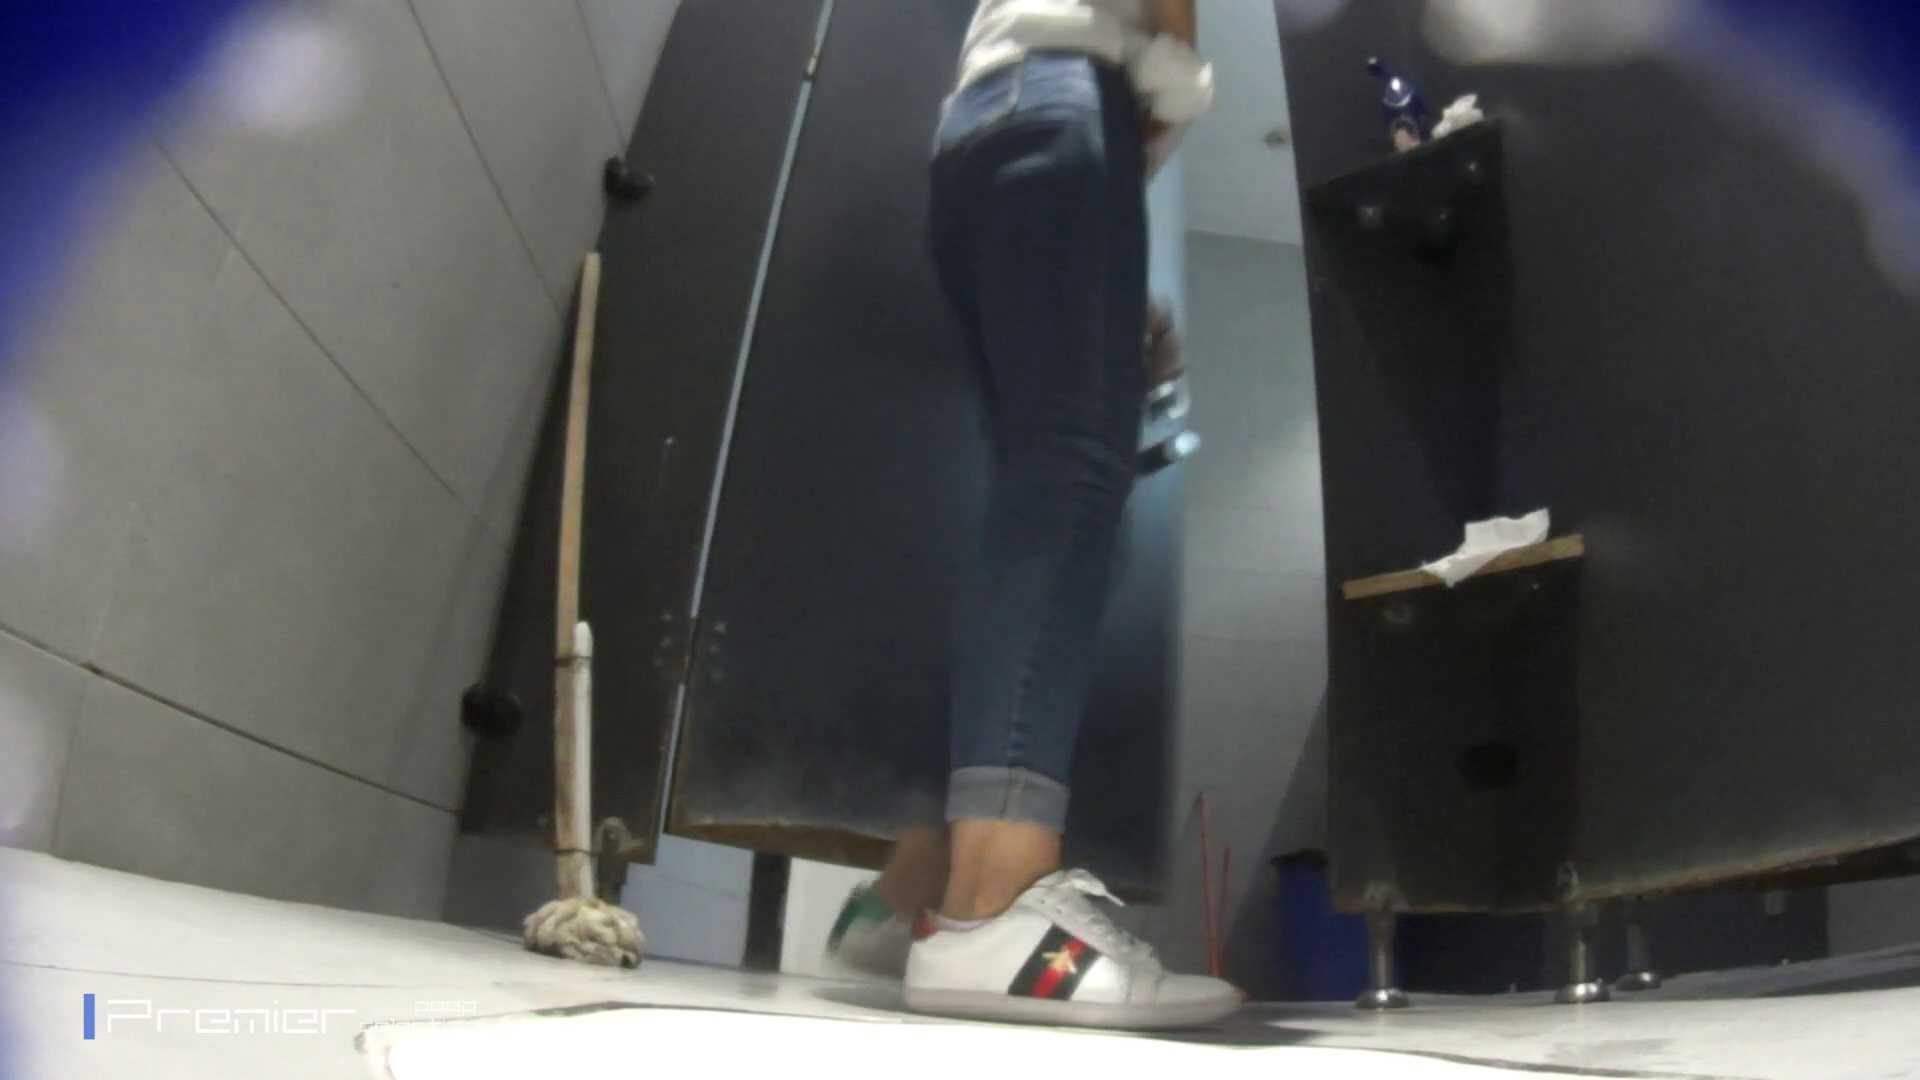 派手なスニーカーの女の子 大学休憩時間の洗面所事情63 美肌  51PIX 1